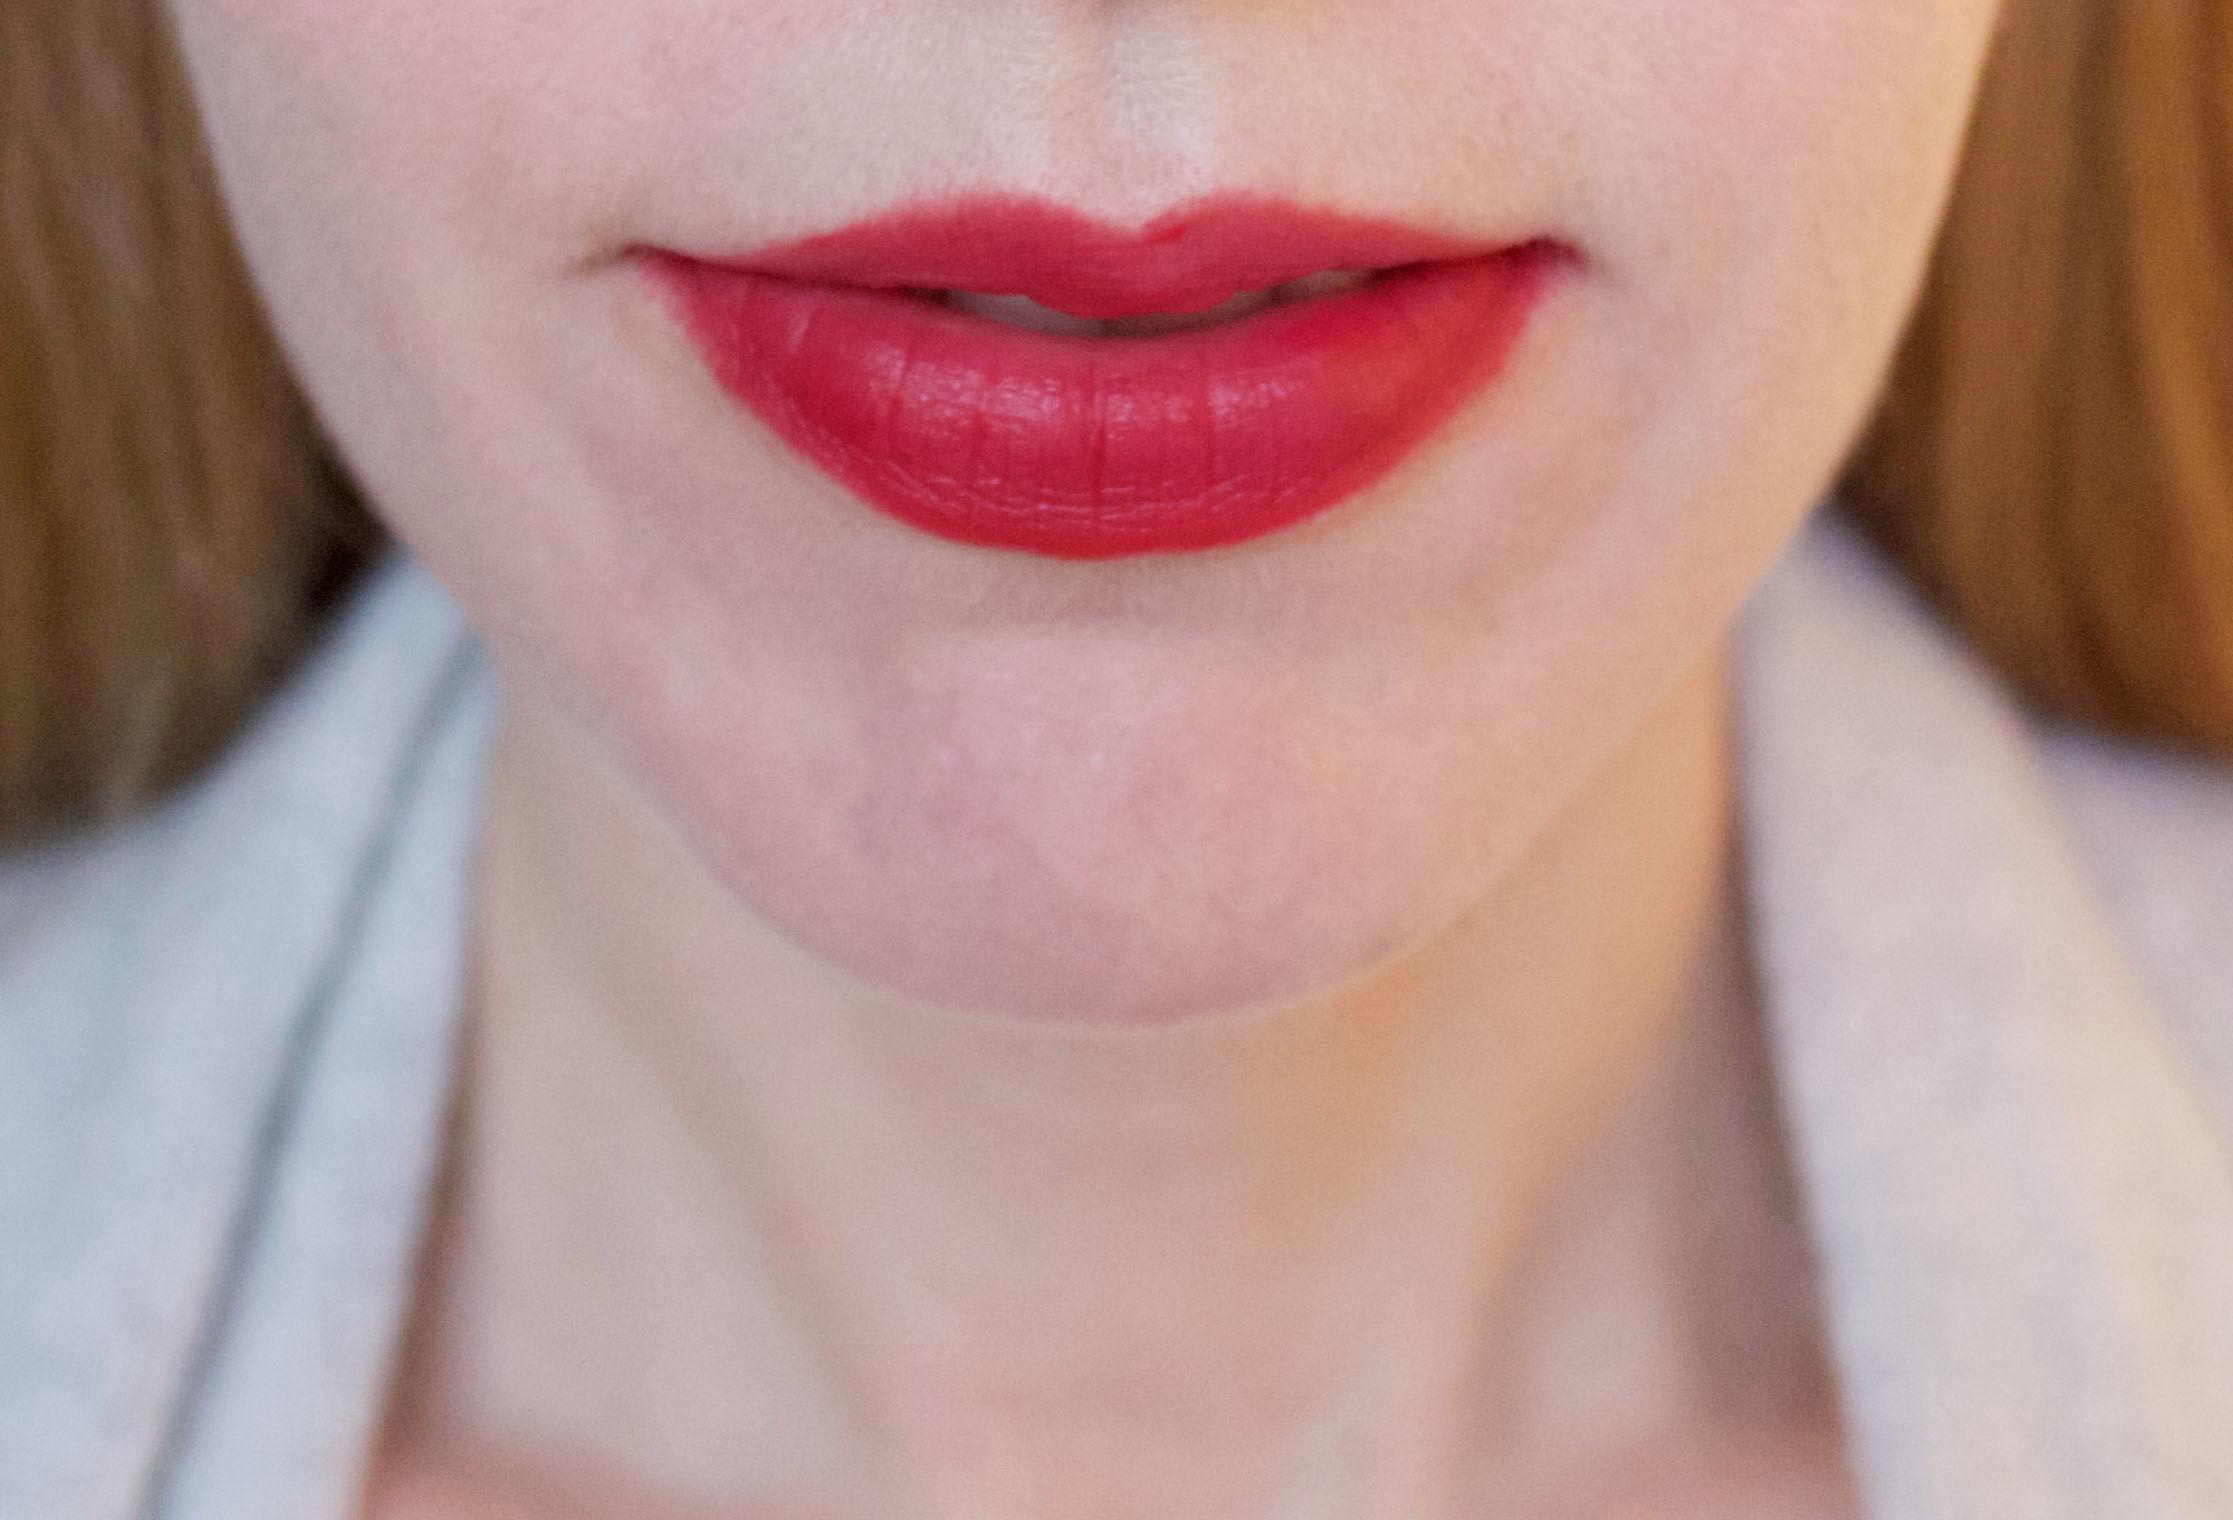 Bourjois Rouge Edition Velvet in 01 Personne Ne Rouge